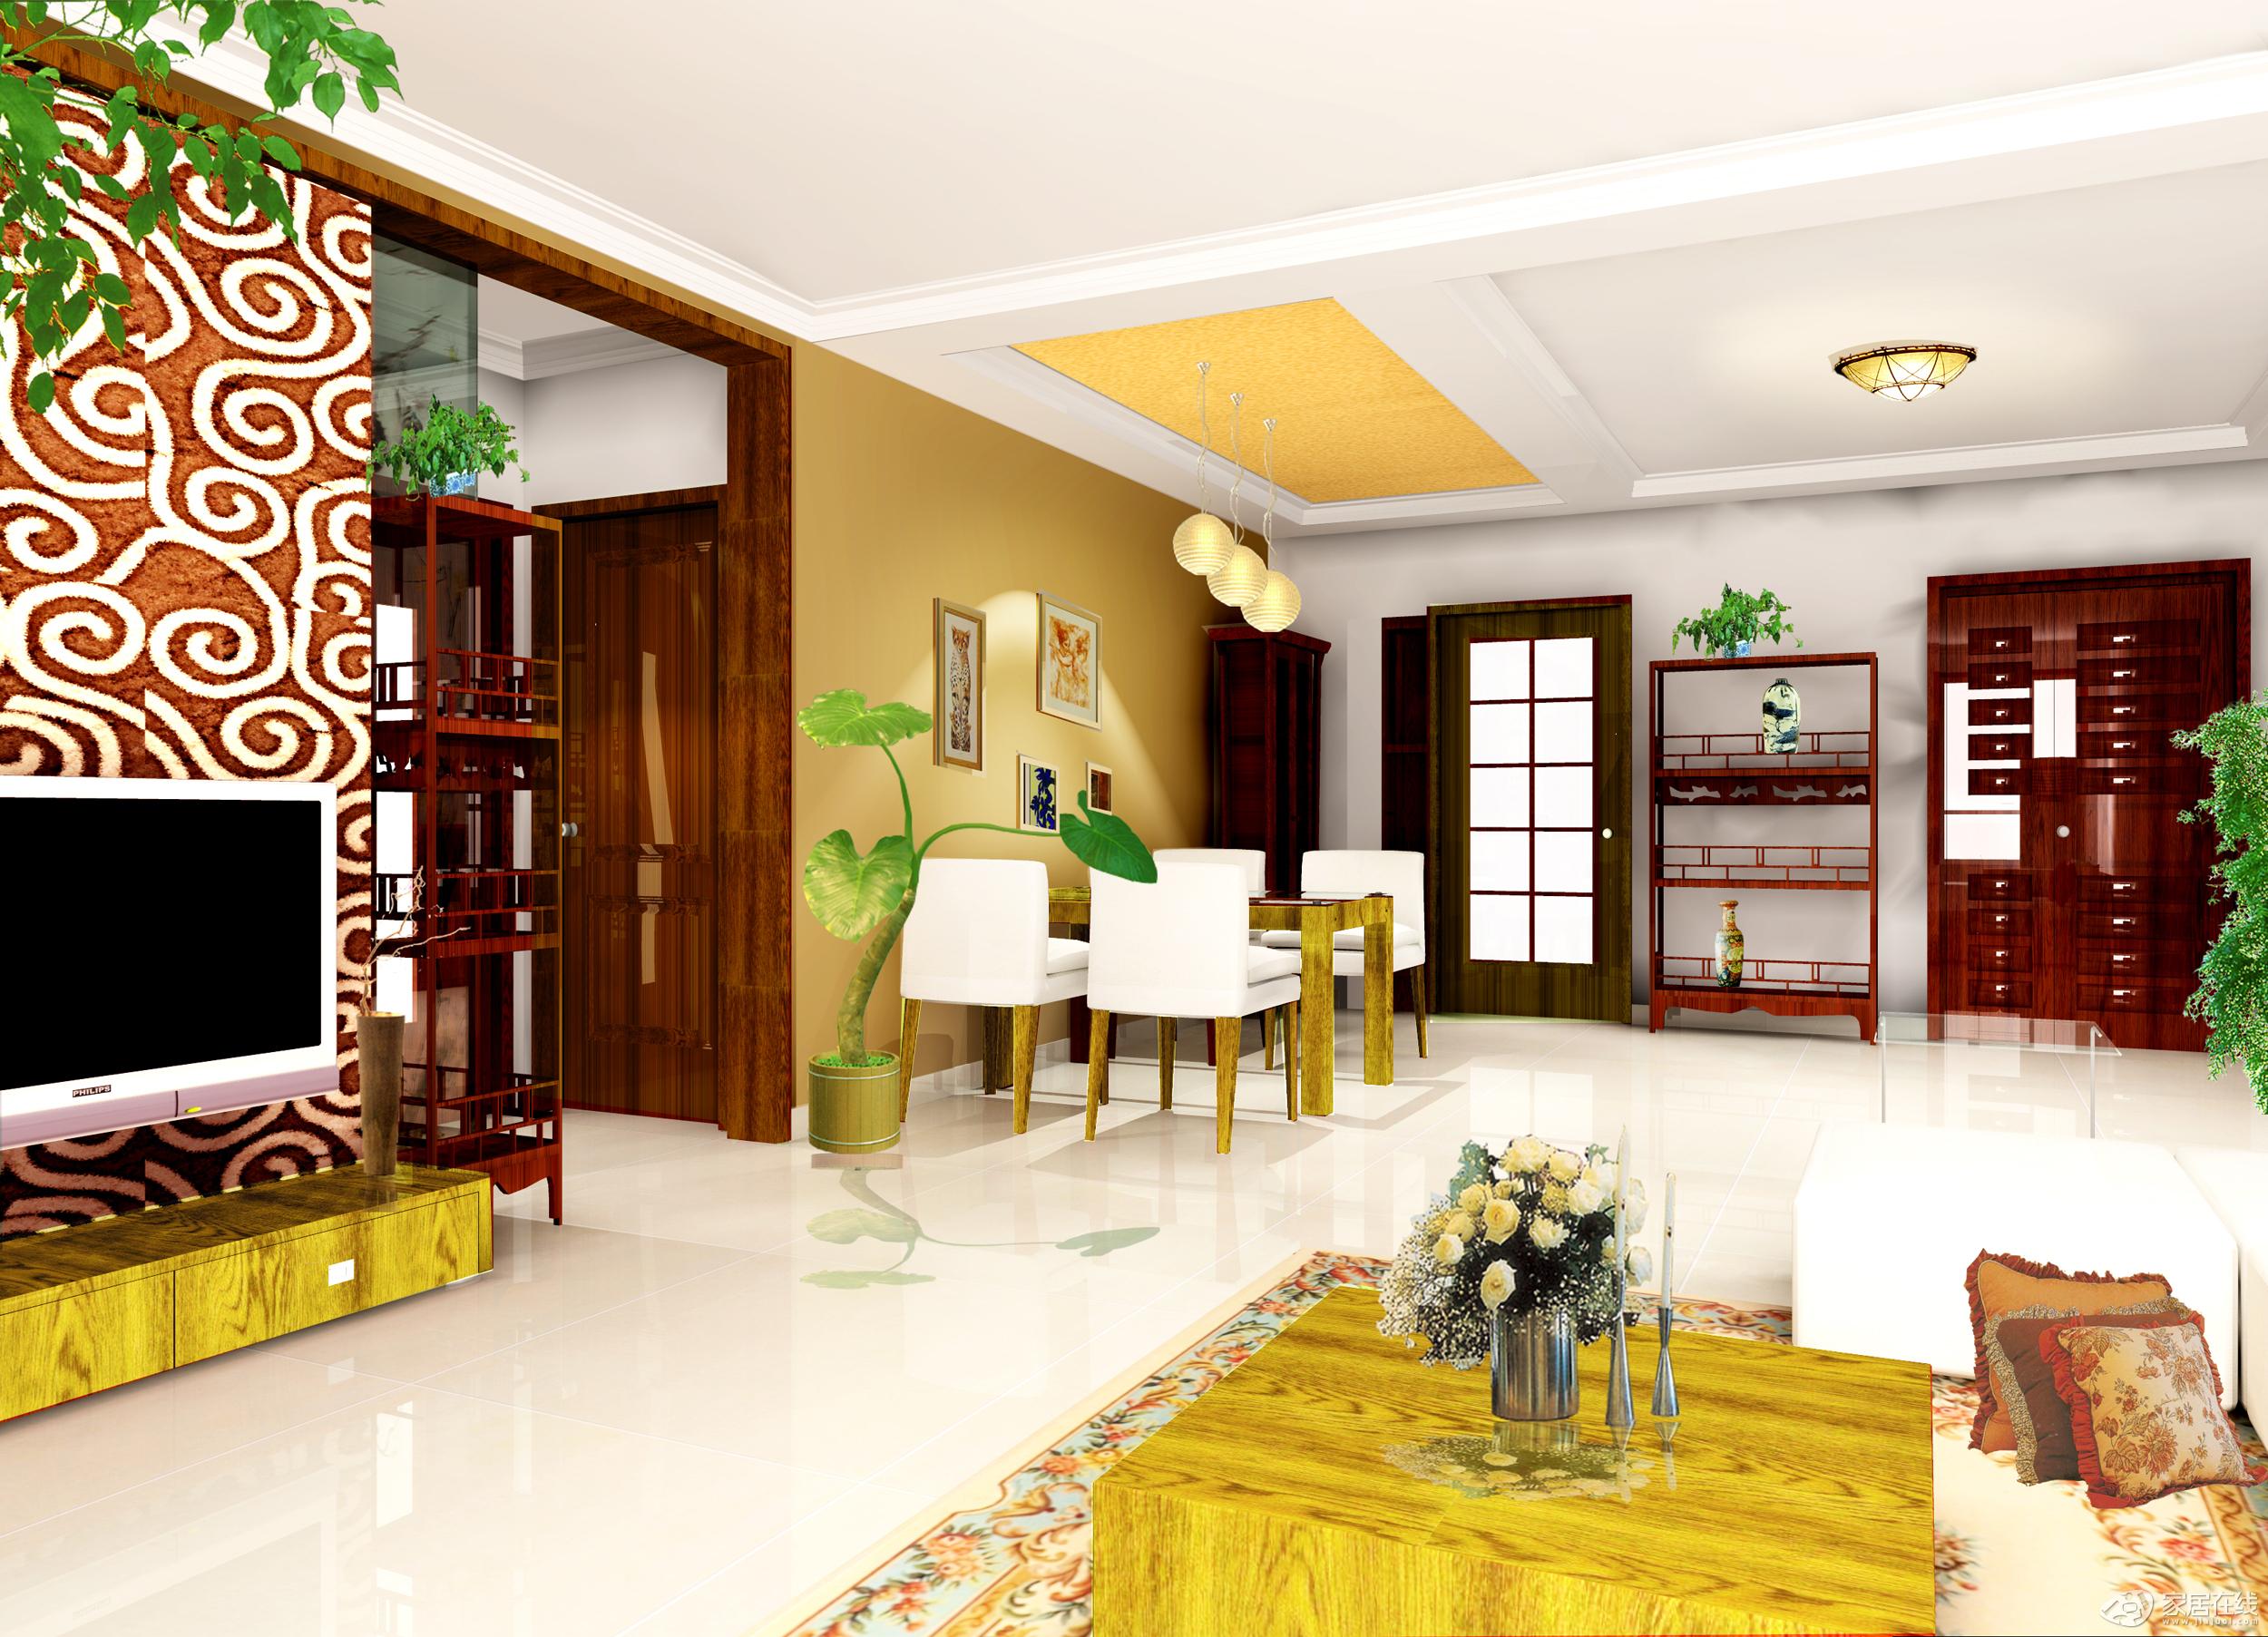 古典中式客厅效果图  小公寓装修效果图房间欧式风格效果图古典中式